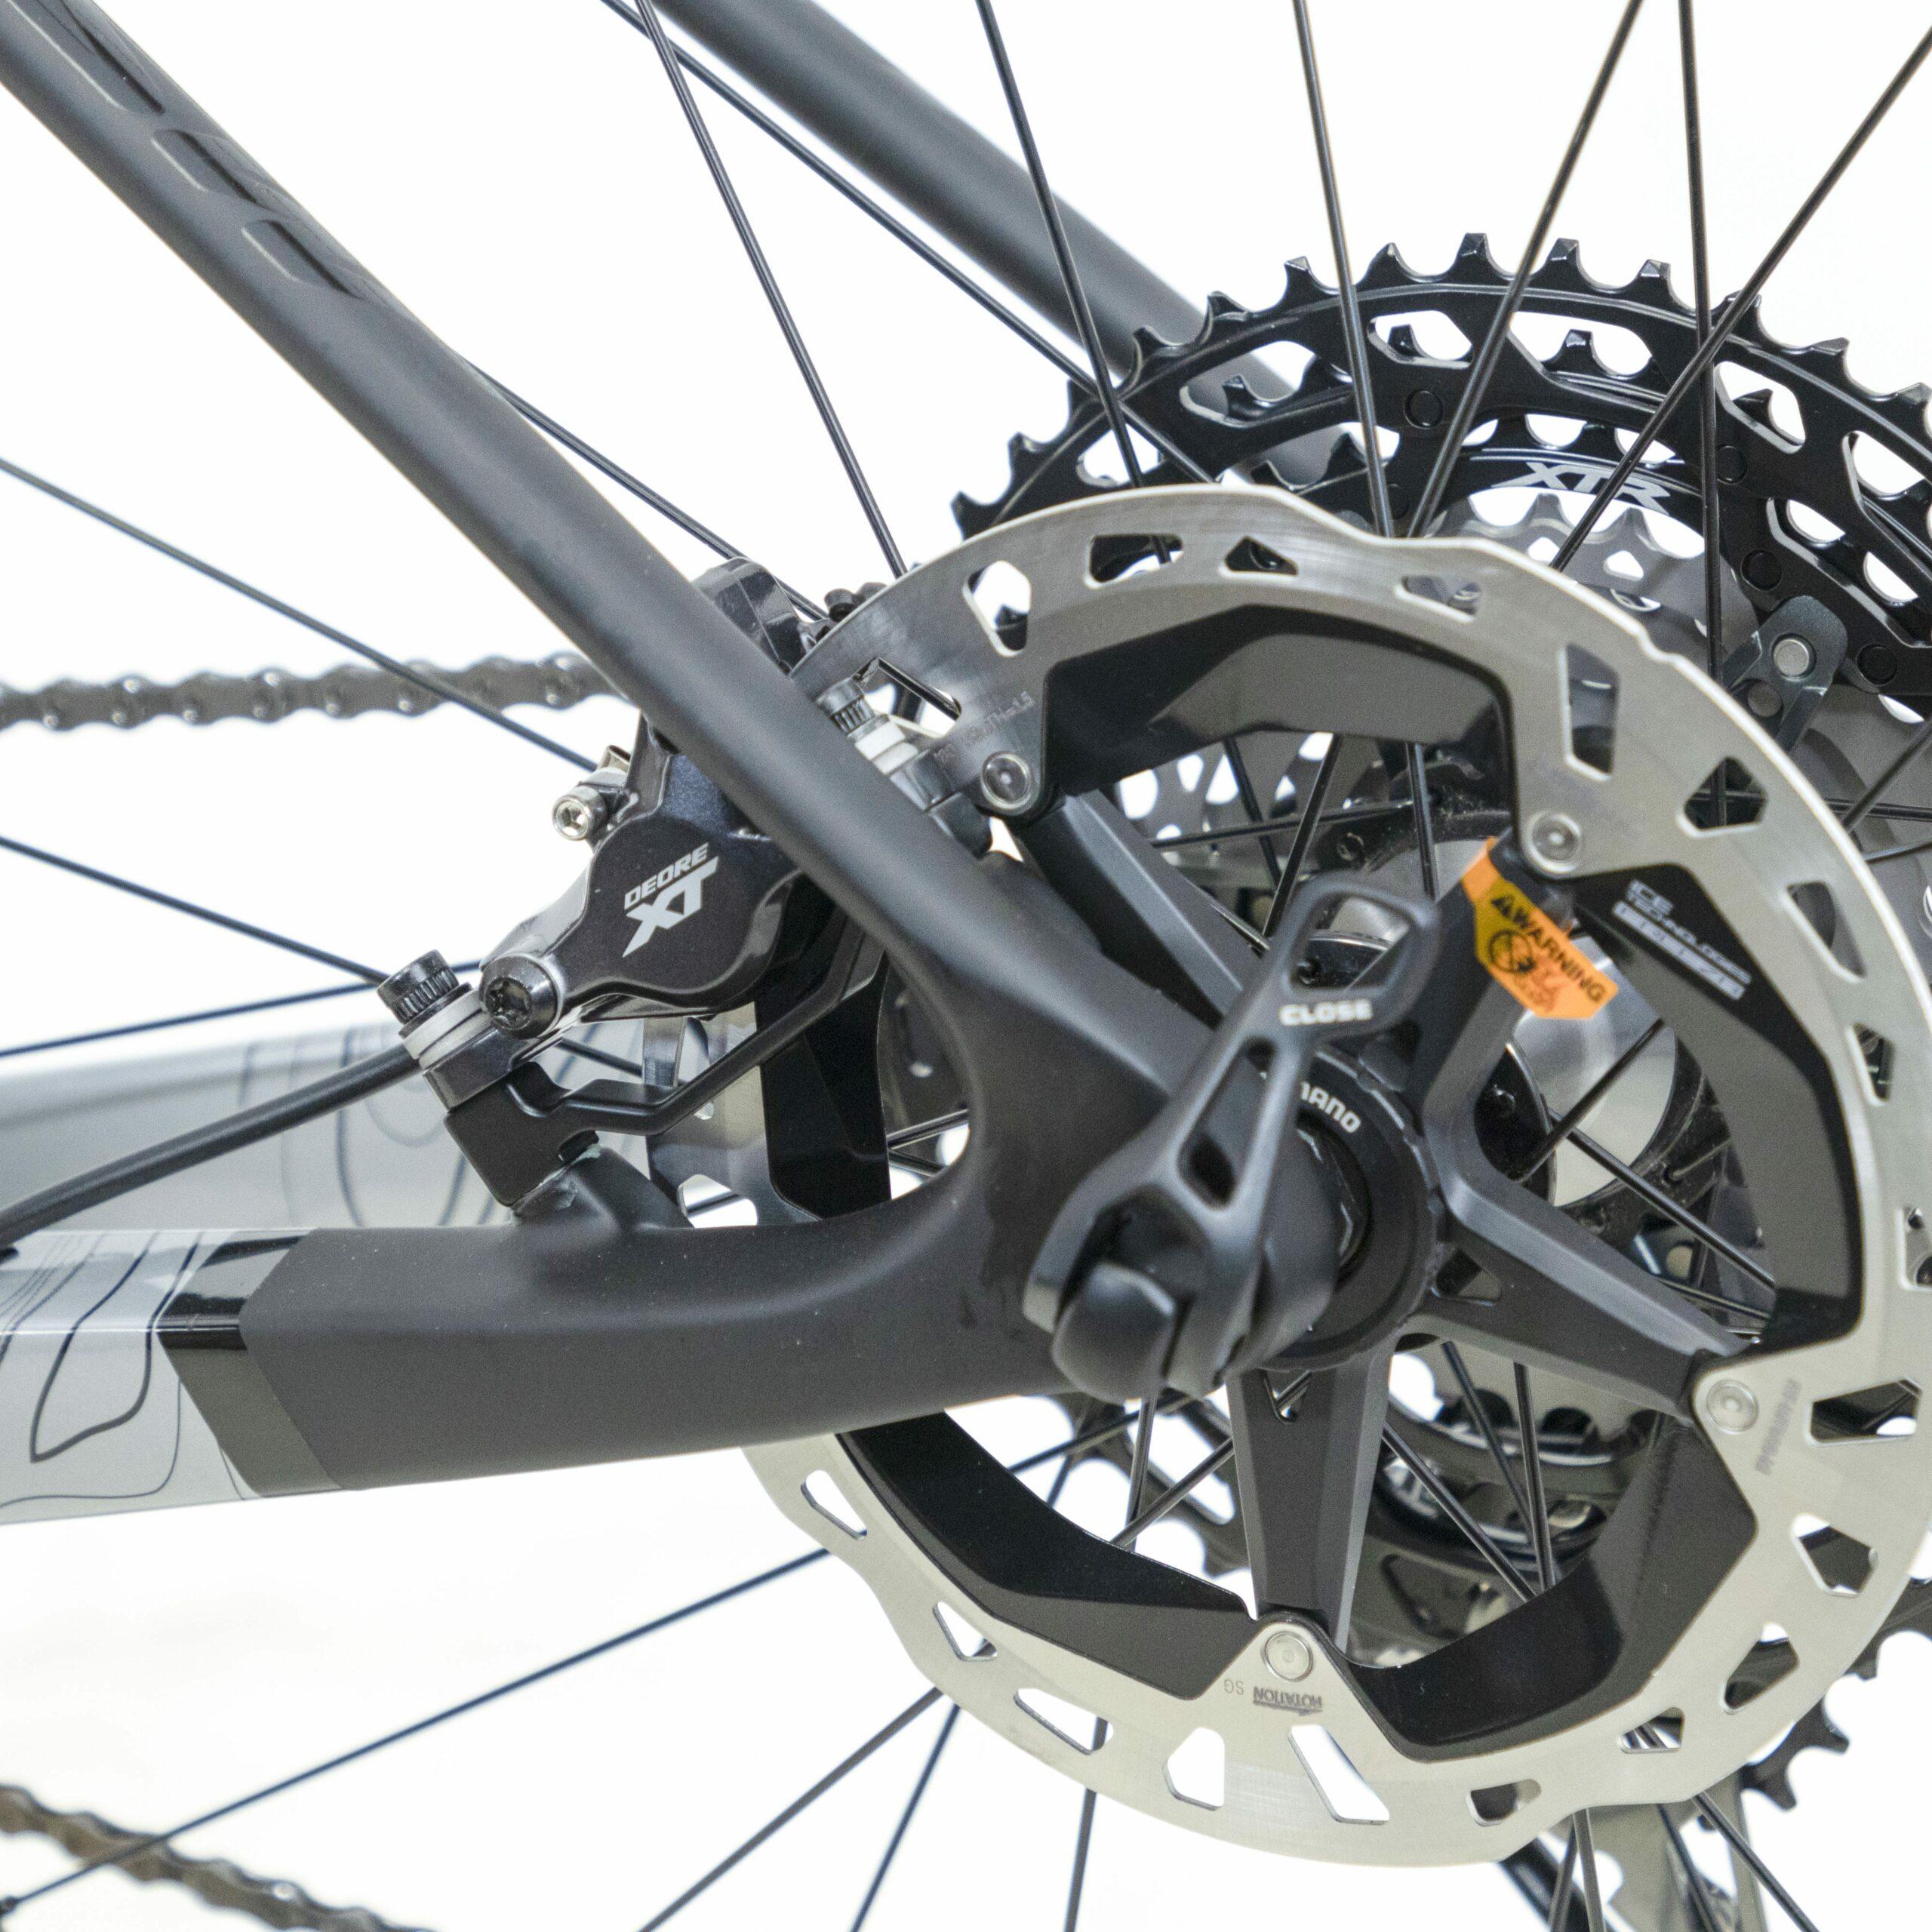 Bicicleta TSW Evo Quest   Advanced-Recon 13